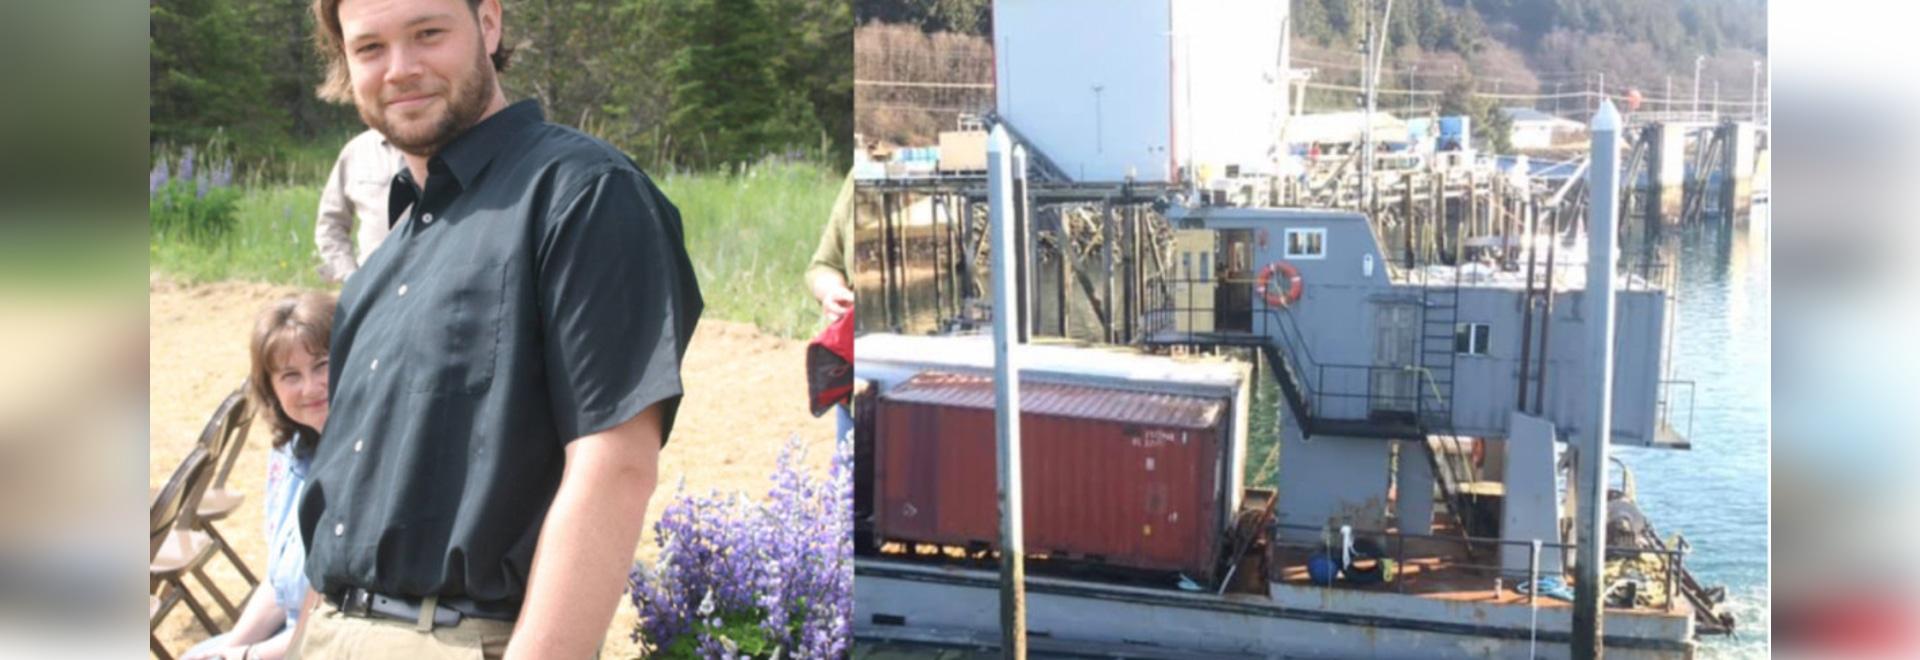 Mann aus Alaska macht eine 14-stündige Reise, um Vorräte in seine abgelegene Stadt zu bringen